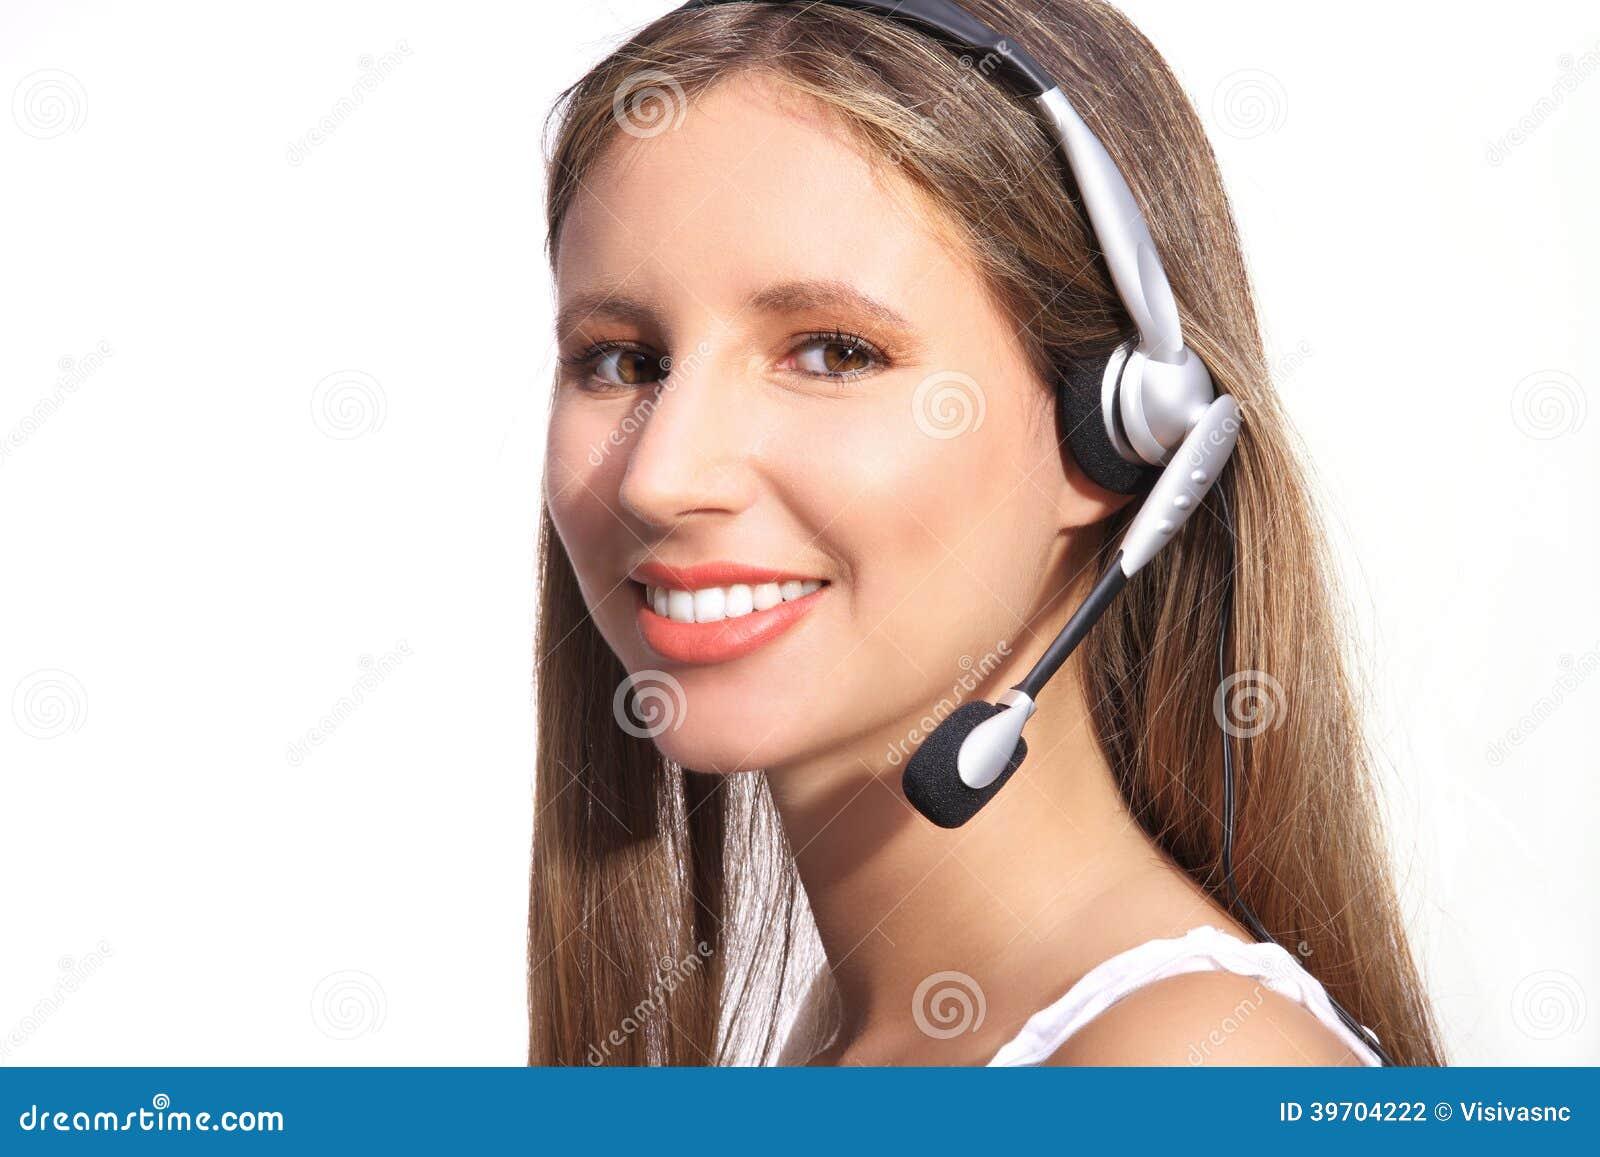 办公室电话接线员,有耳机的美丽的妇女